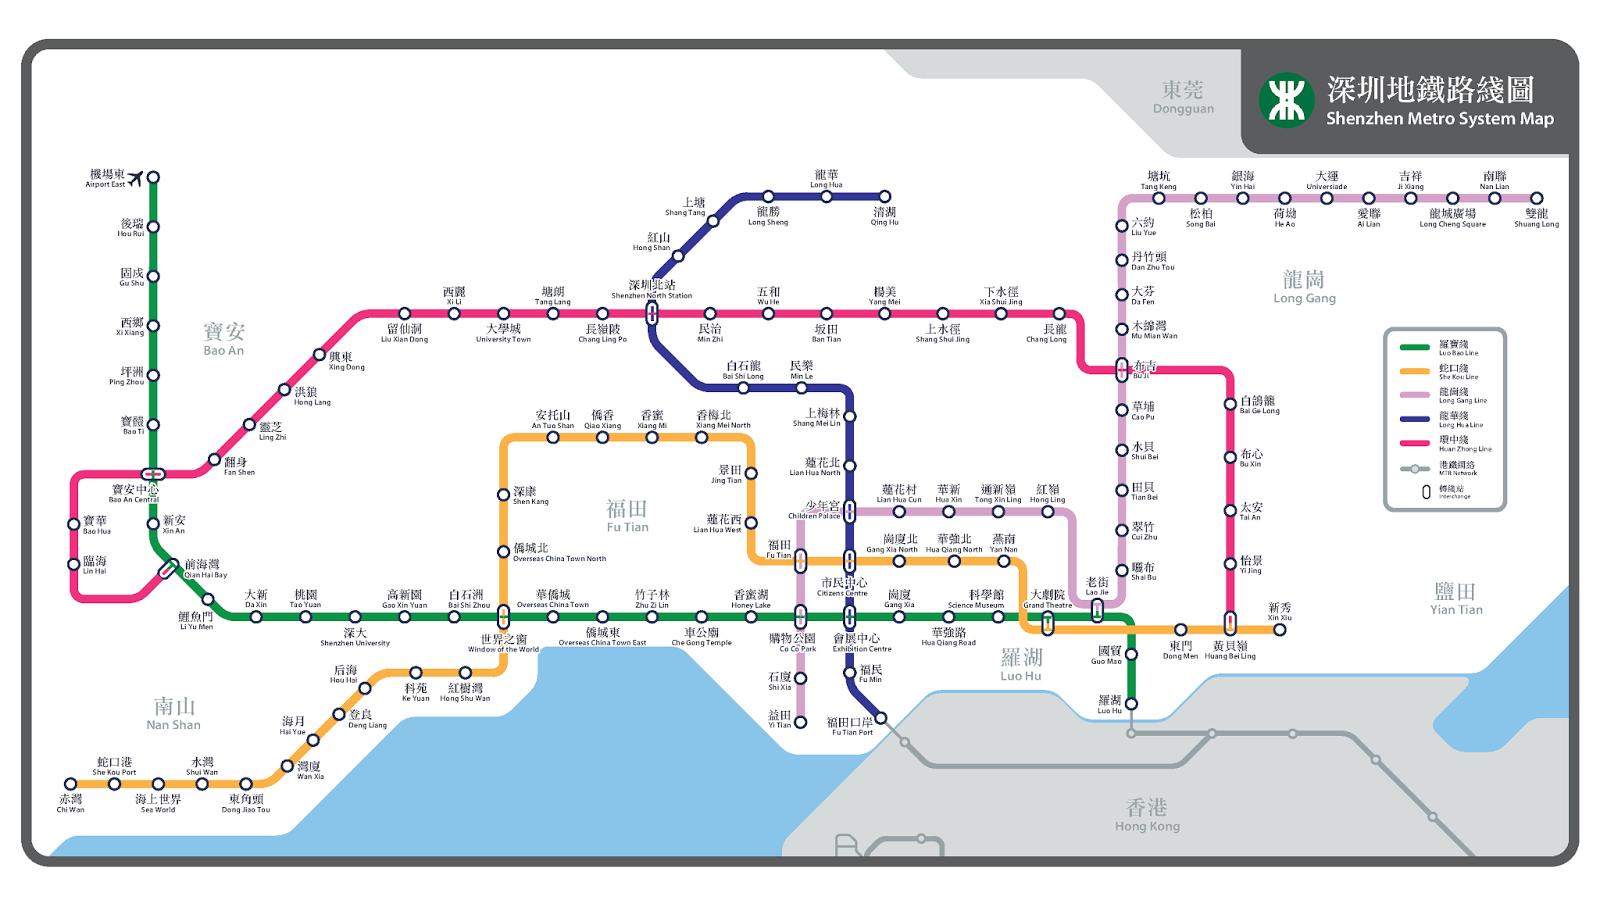 四面楚歌: [教學] 香港人如何購買中國大陸高鐵火車票 - 換票篇